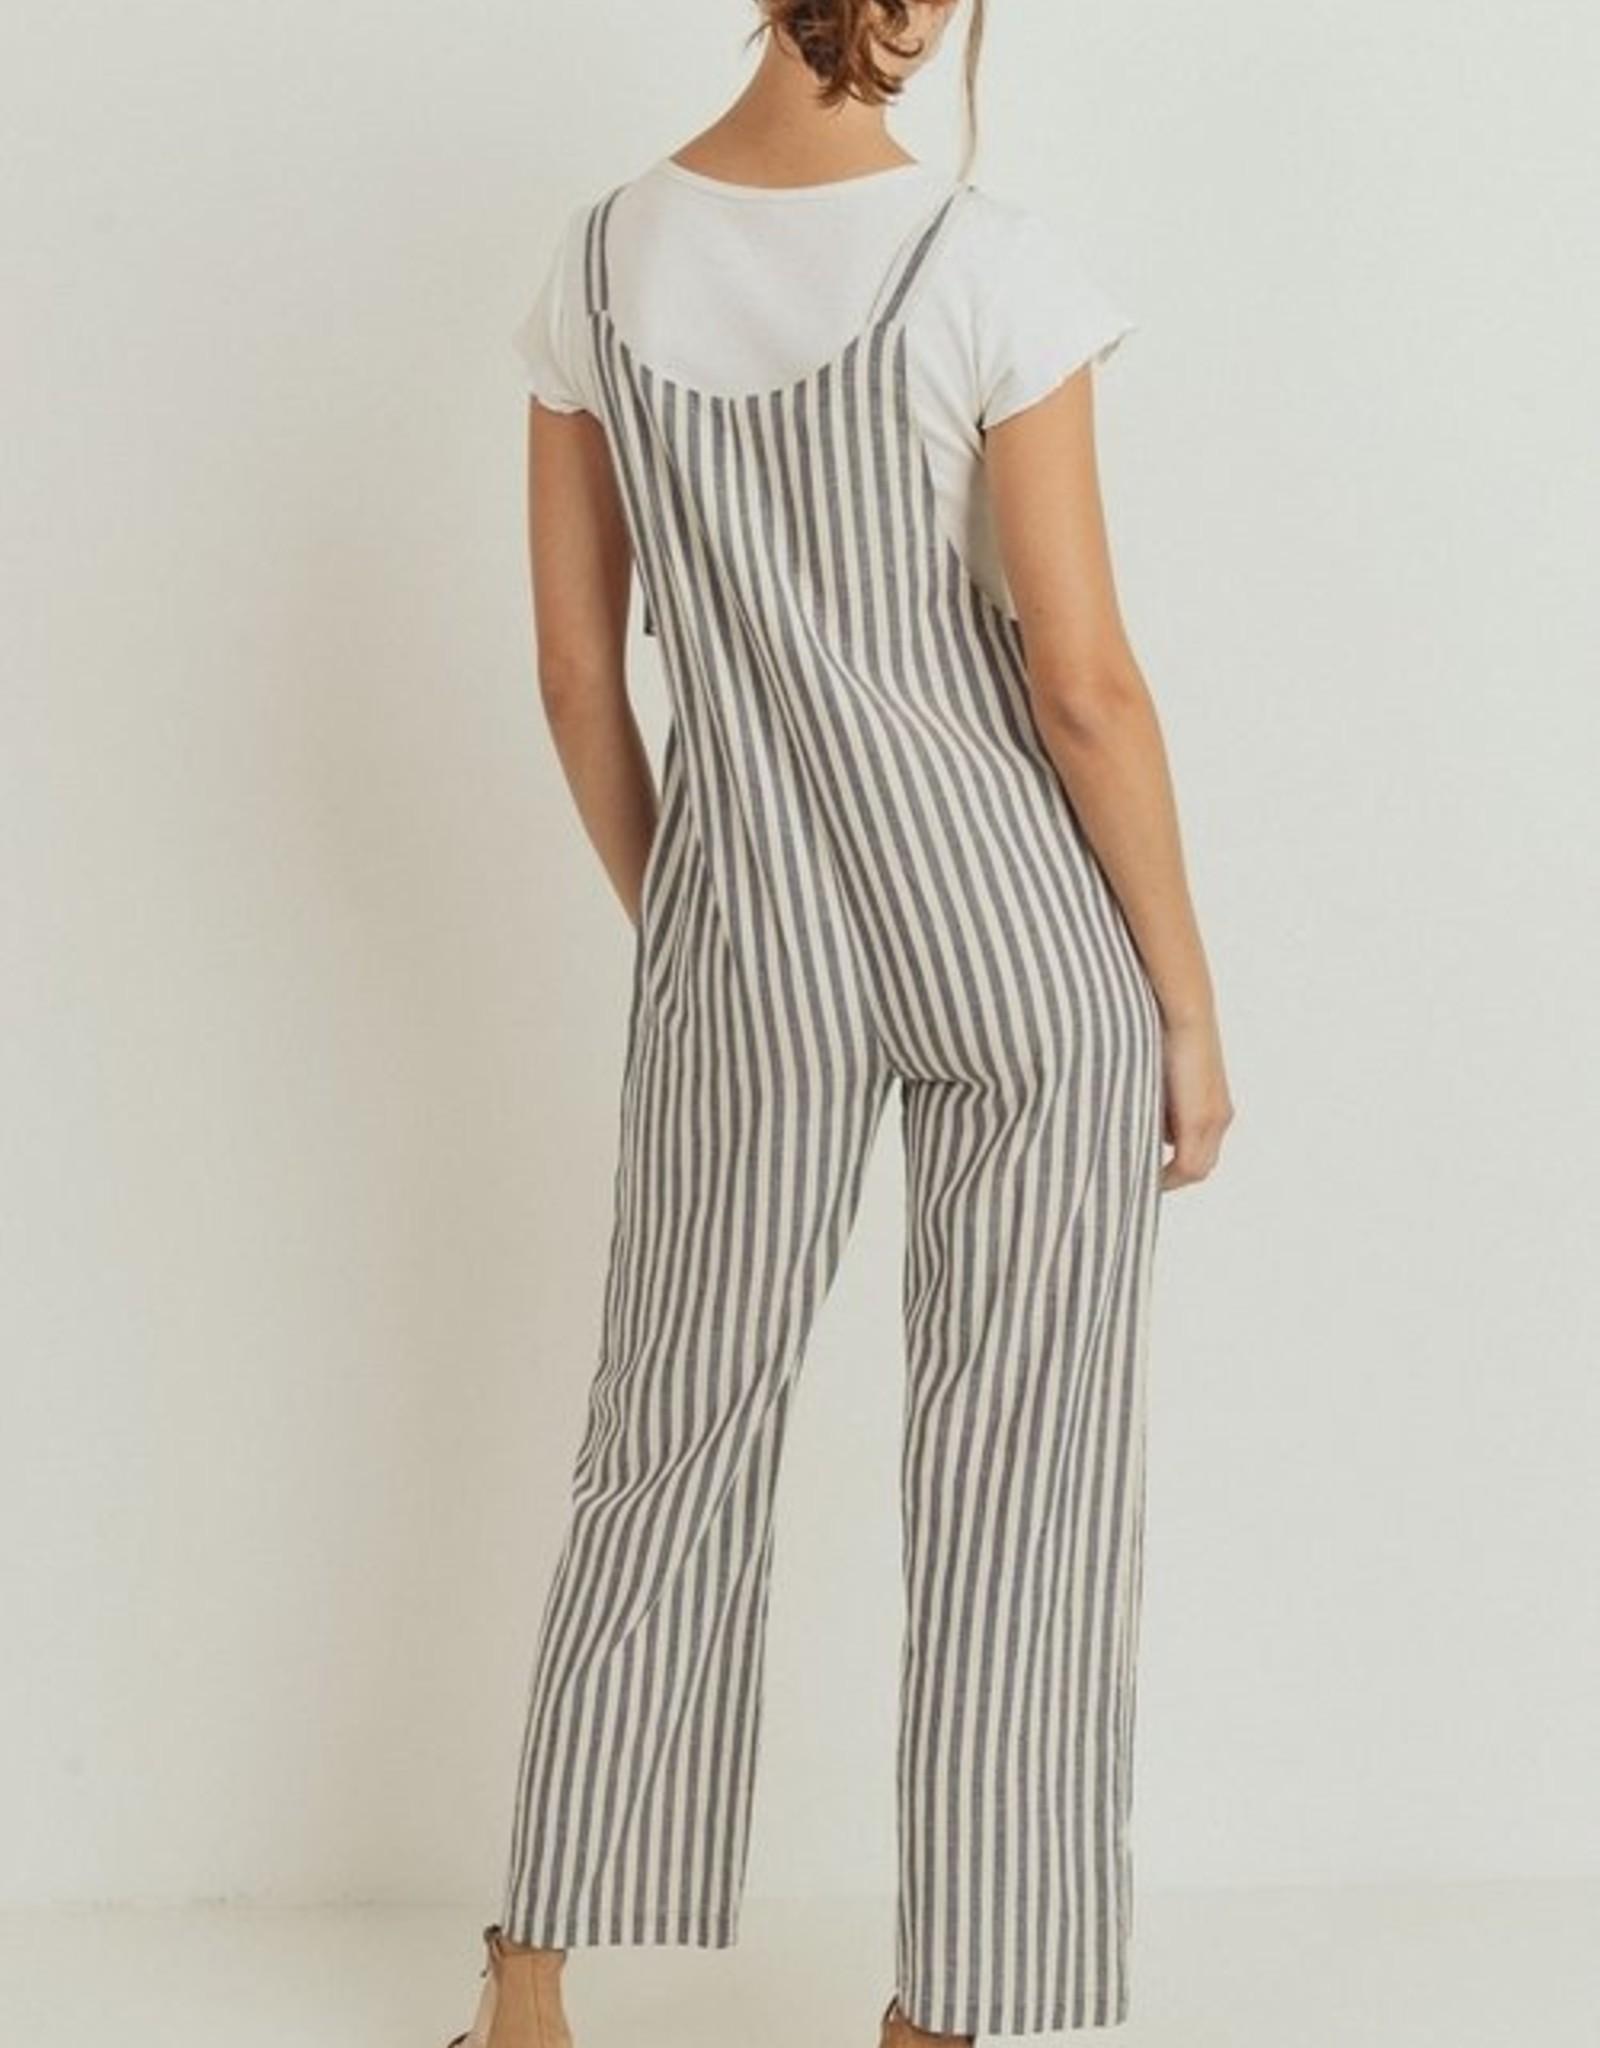 Papercrane Striped Button Down Pocket Jumpsuit